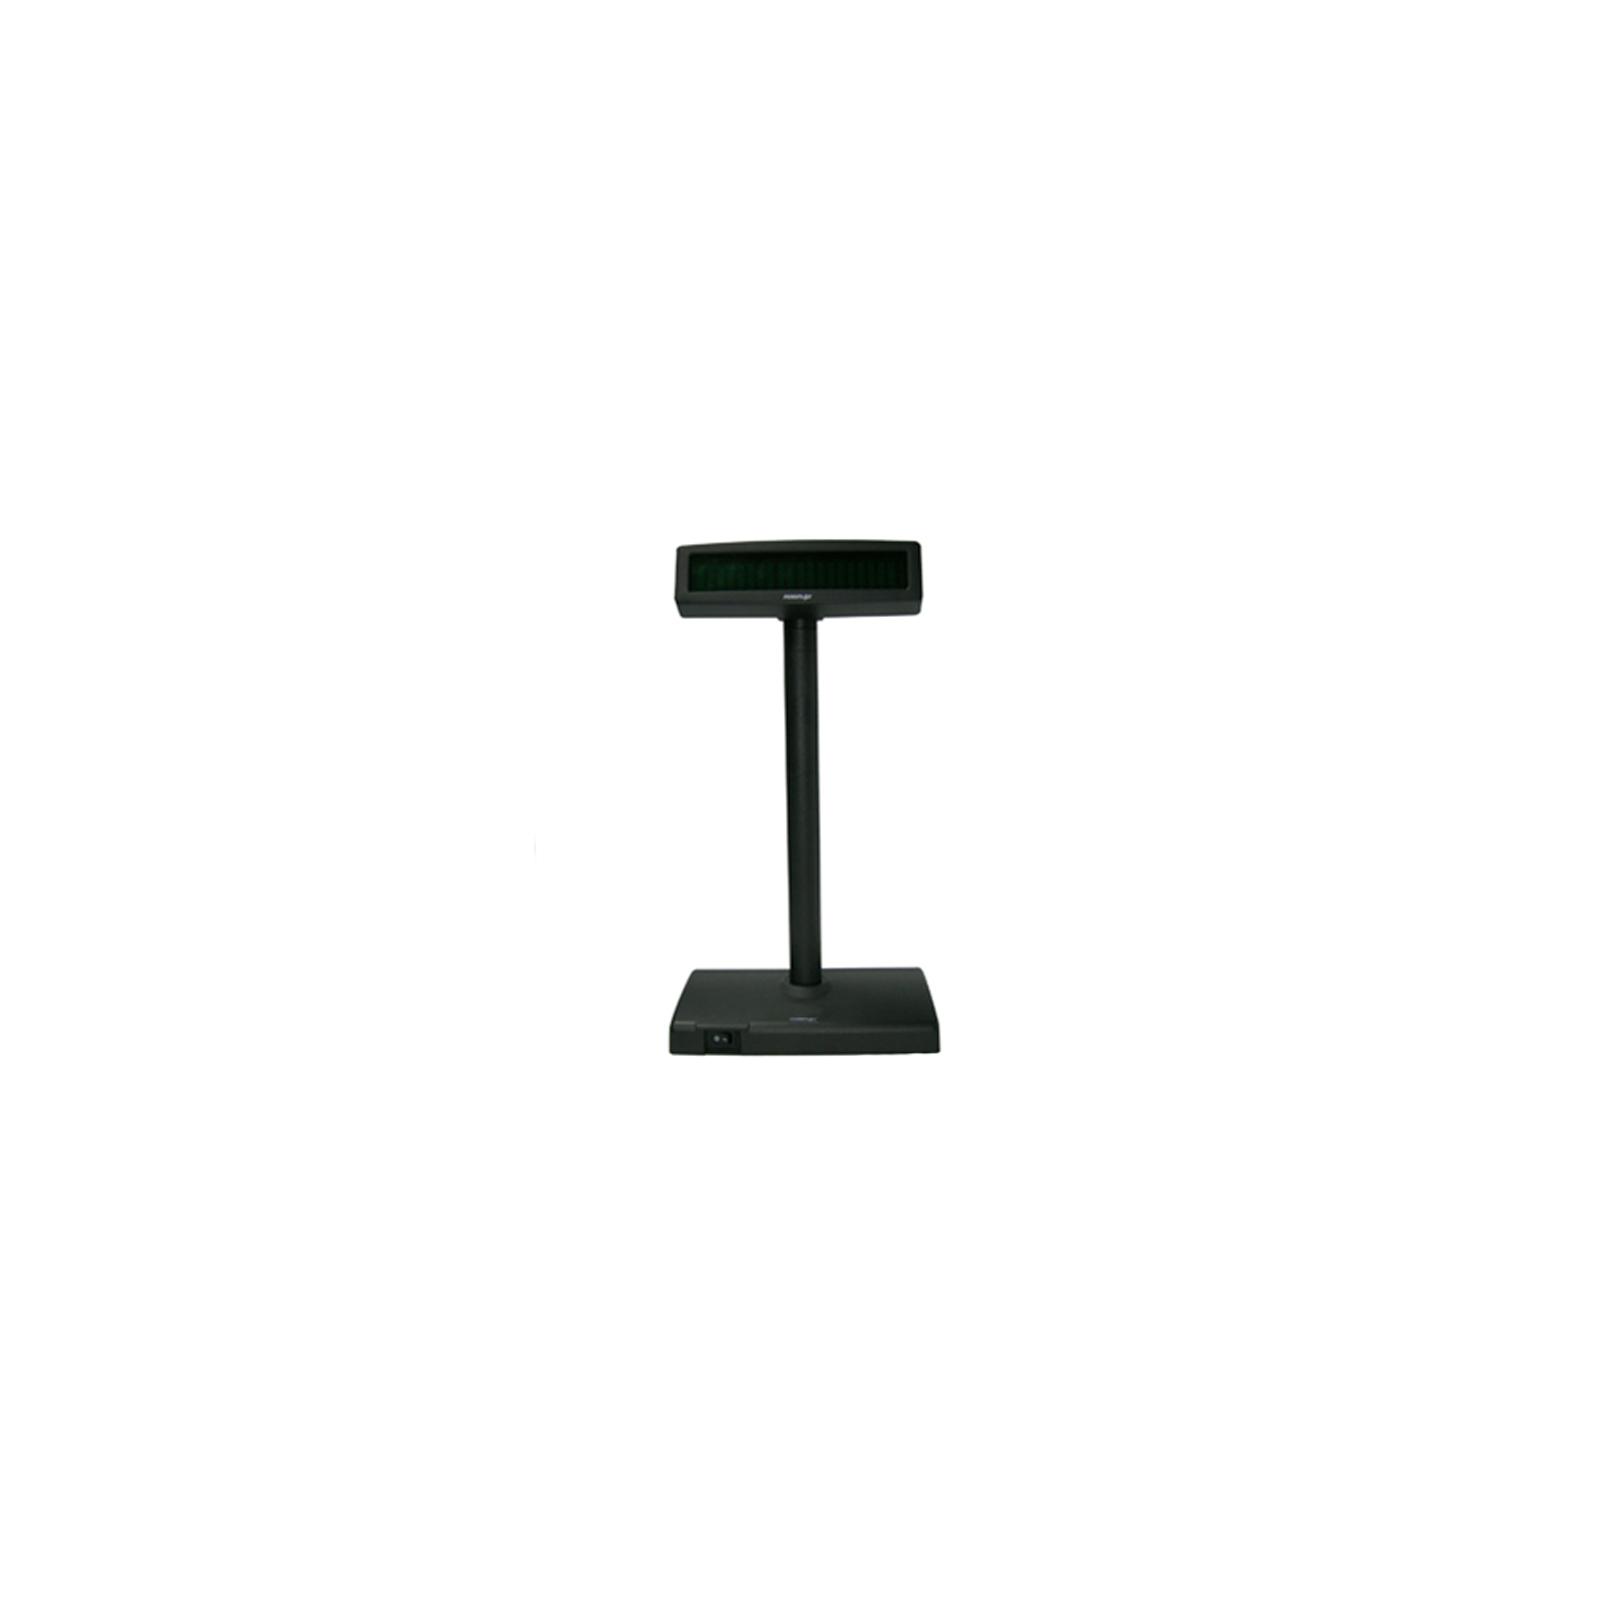 Индикатор покупателя Posiflex PD-2600 (PD-2600R)